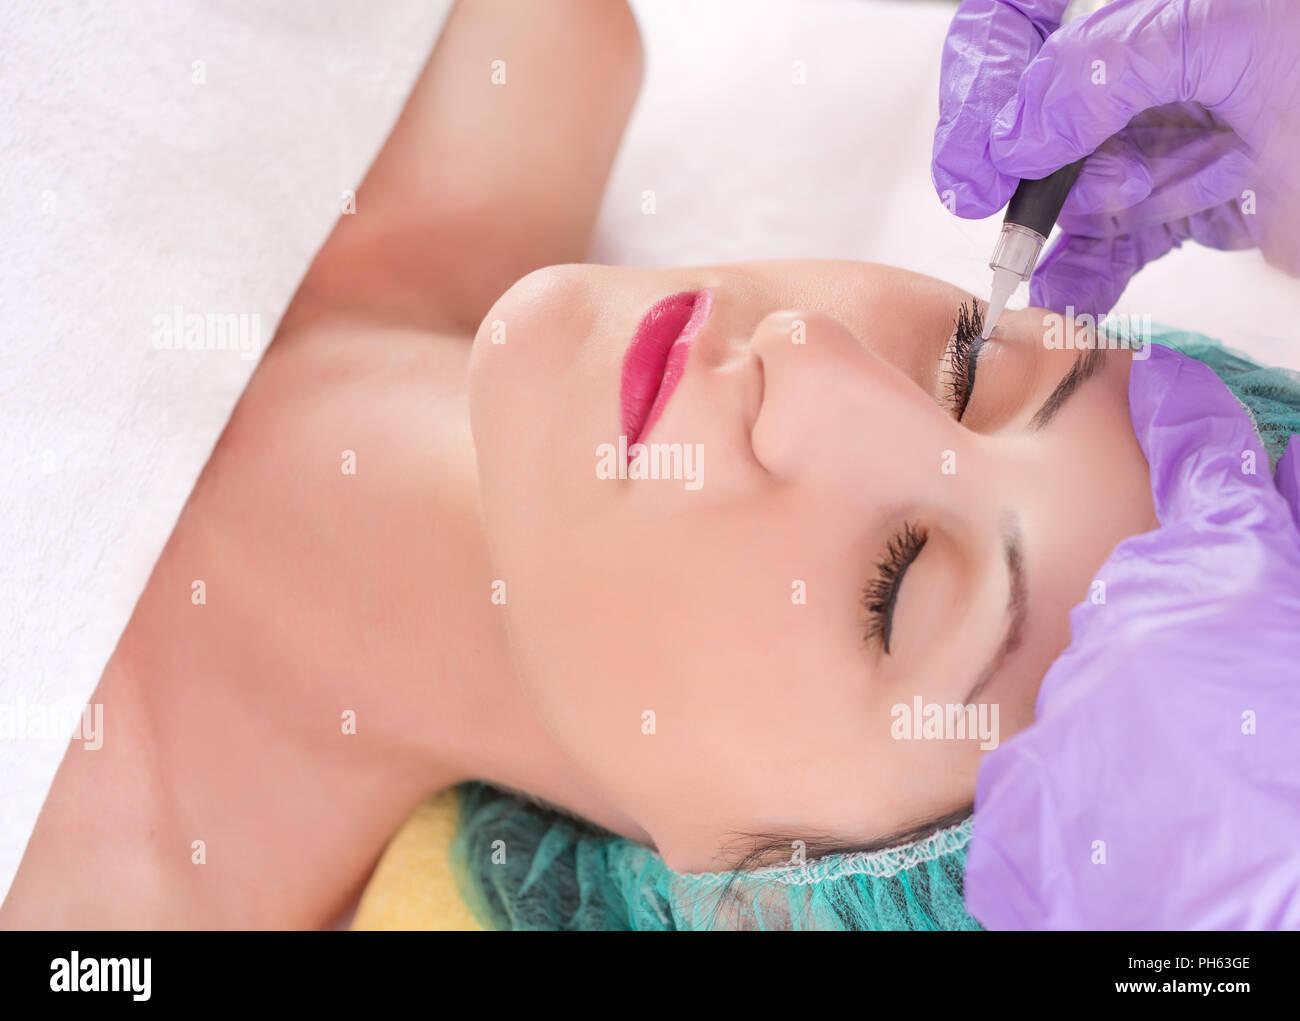 Kosmetiker Permanent Make up Eyeliner auf Schöne junge Mädchen in Beauty Studio. Tätowierer, eyeliner mit Werkzeug und Schutzhandschuh Stockbild